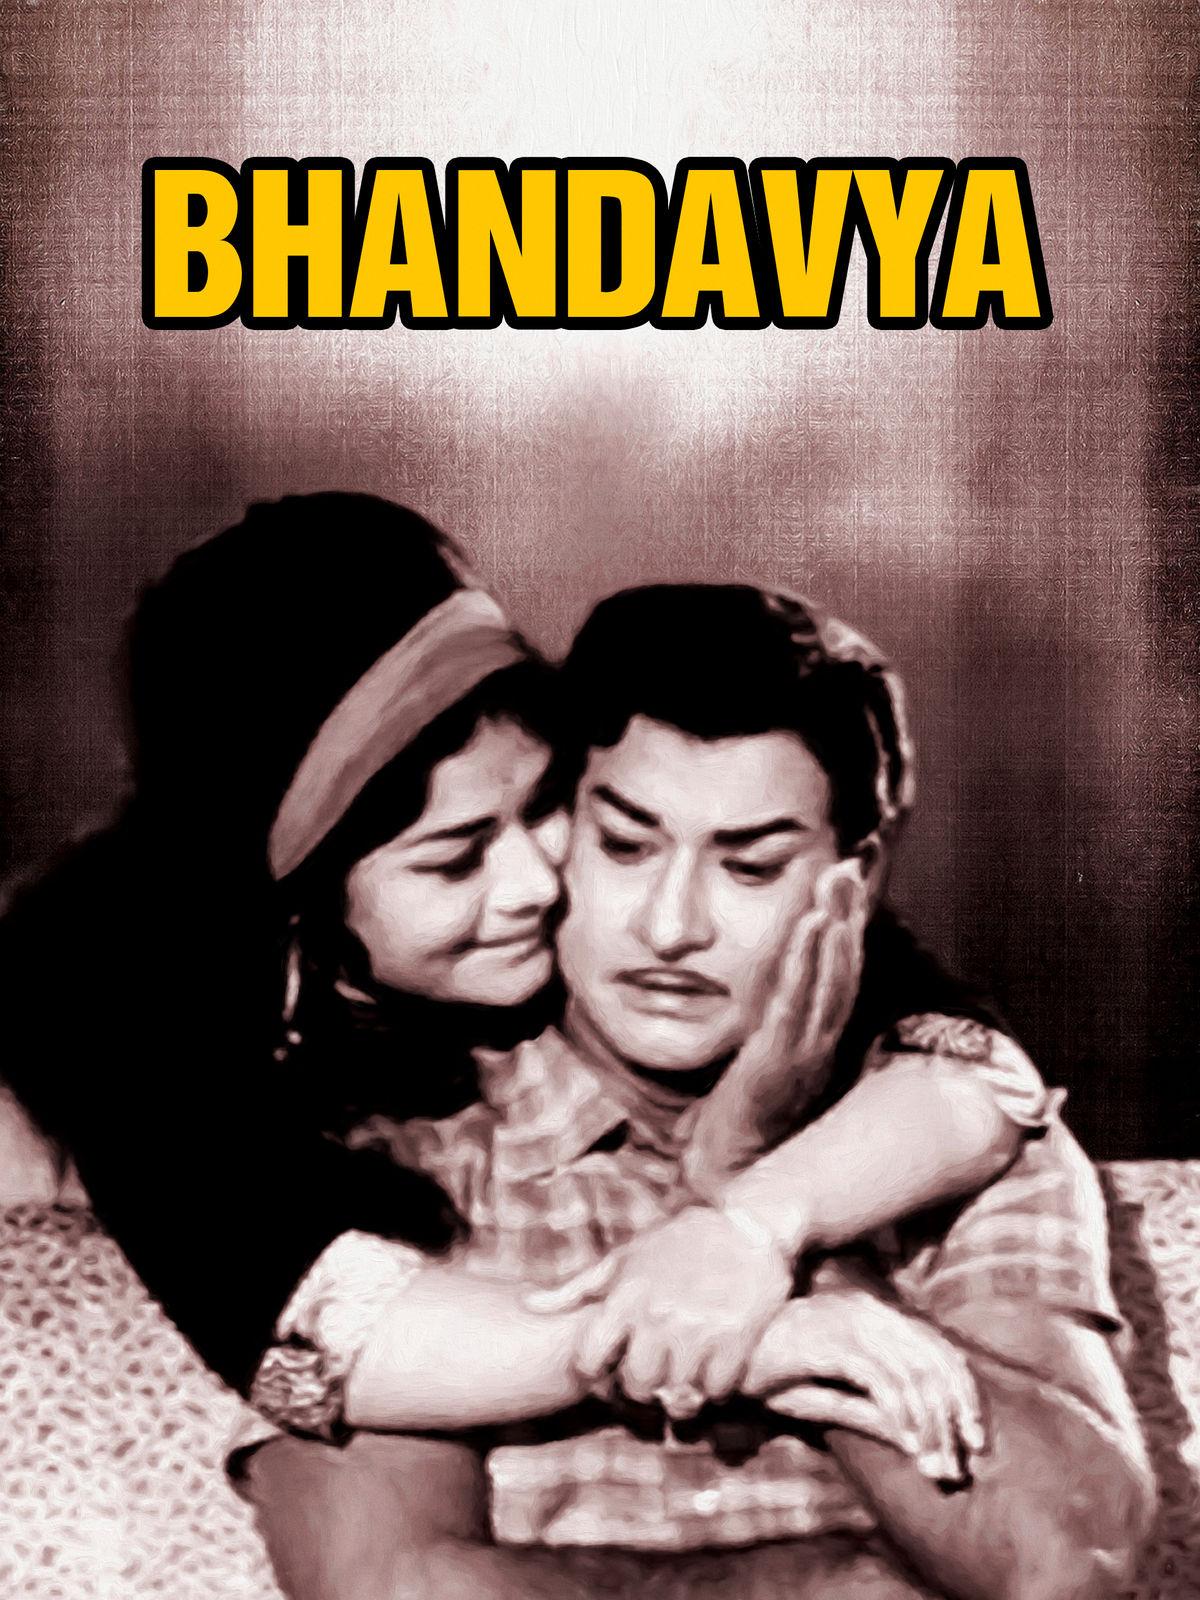 Bandhavya